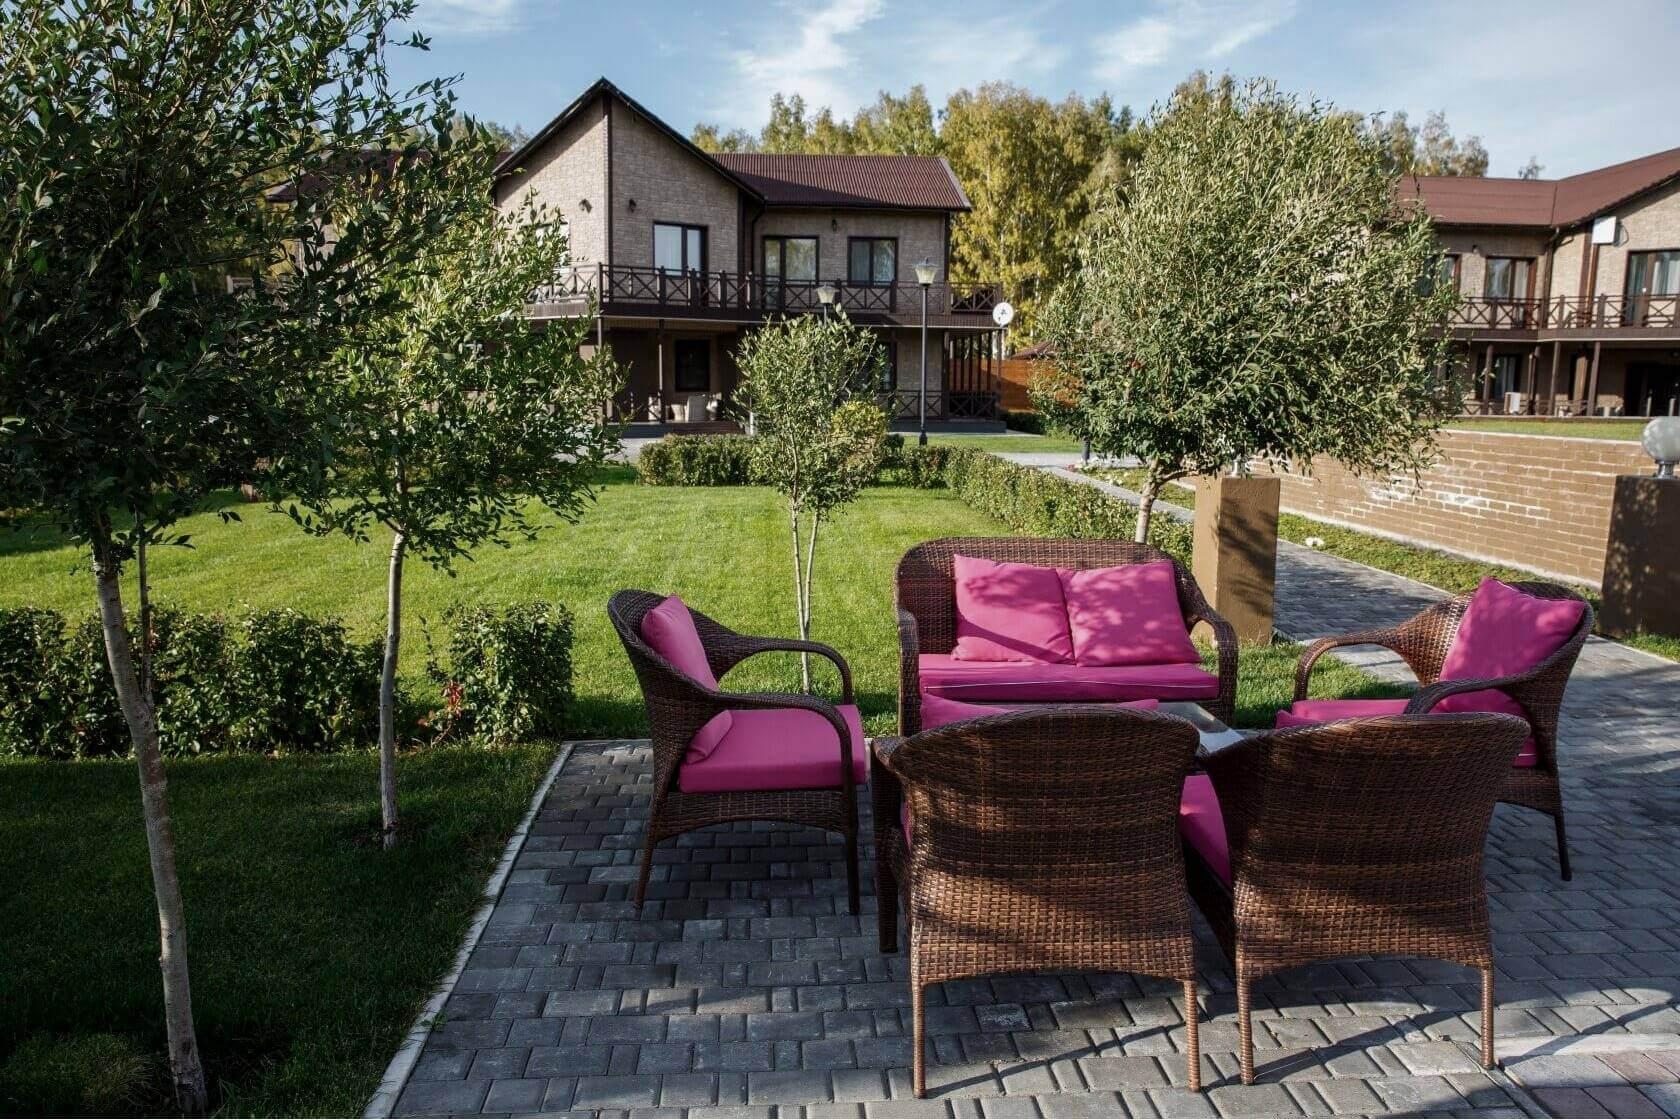 Отдых в Линкер Парк в летнее время дает возможность насладиться свежим воздухом, тишиной и единением с природой